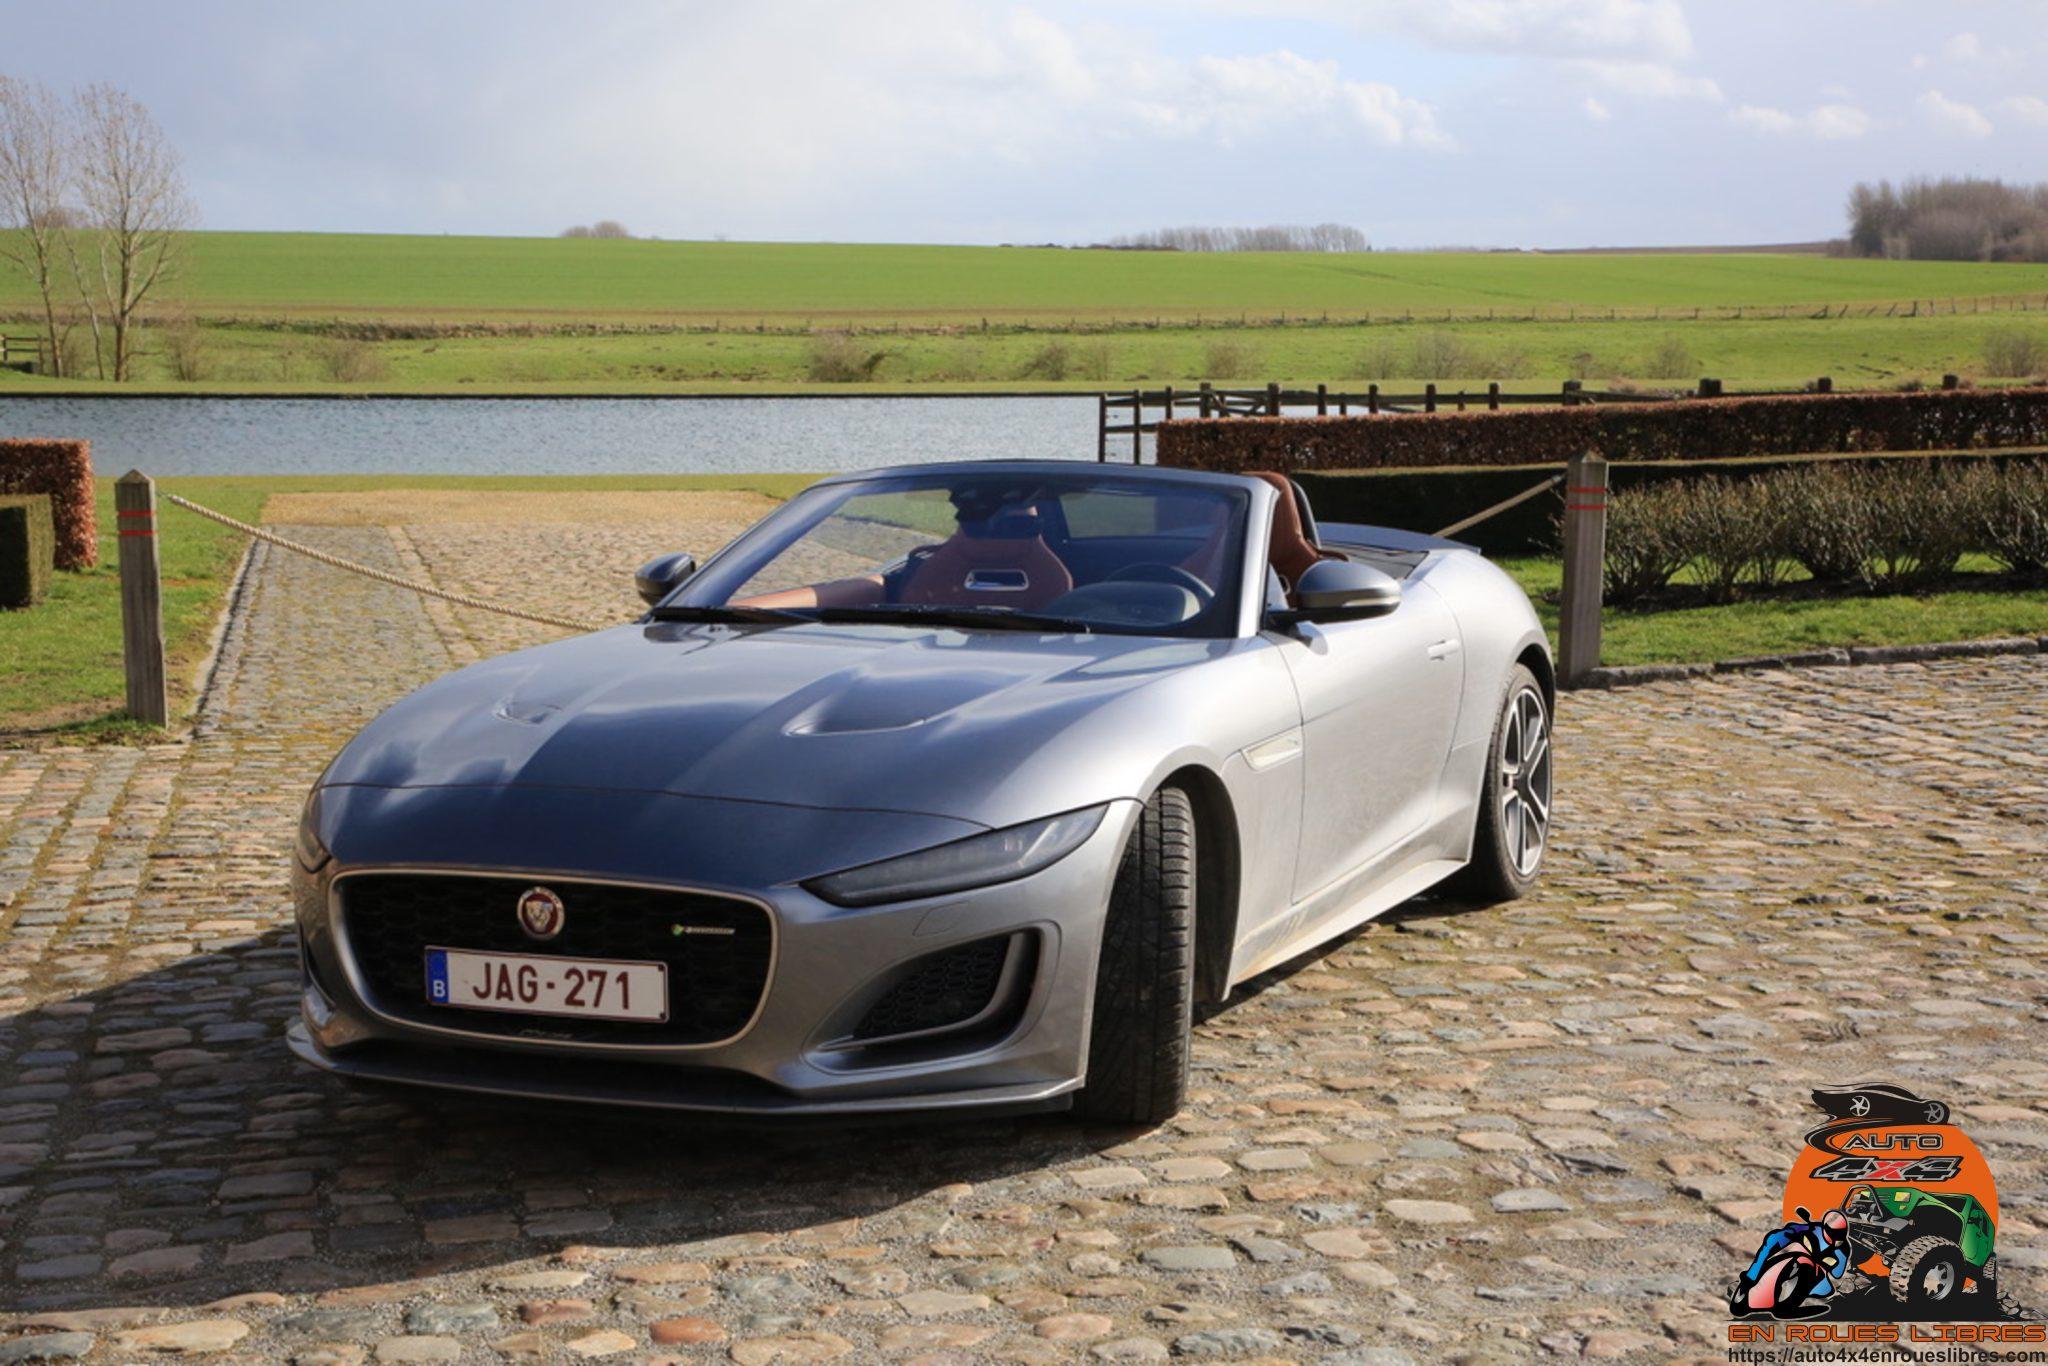 Top down cet été? Pourquoi pas avec cette Jaguar F-Type cabriolet P300 Auto R-Dynamic!